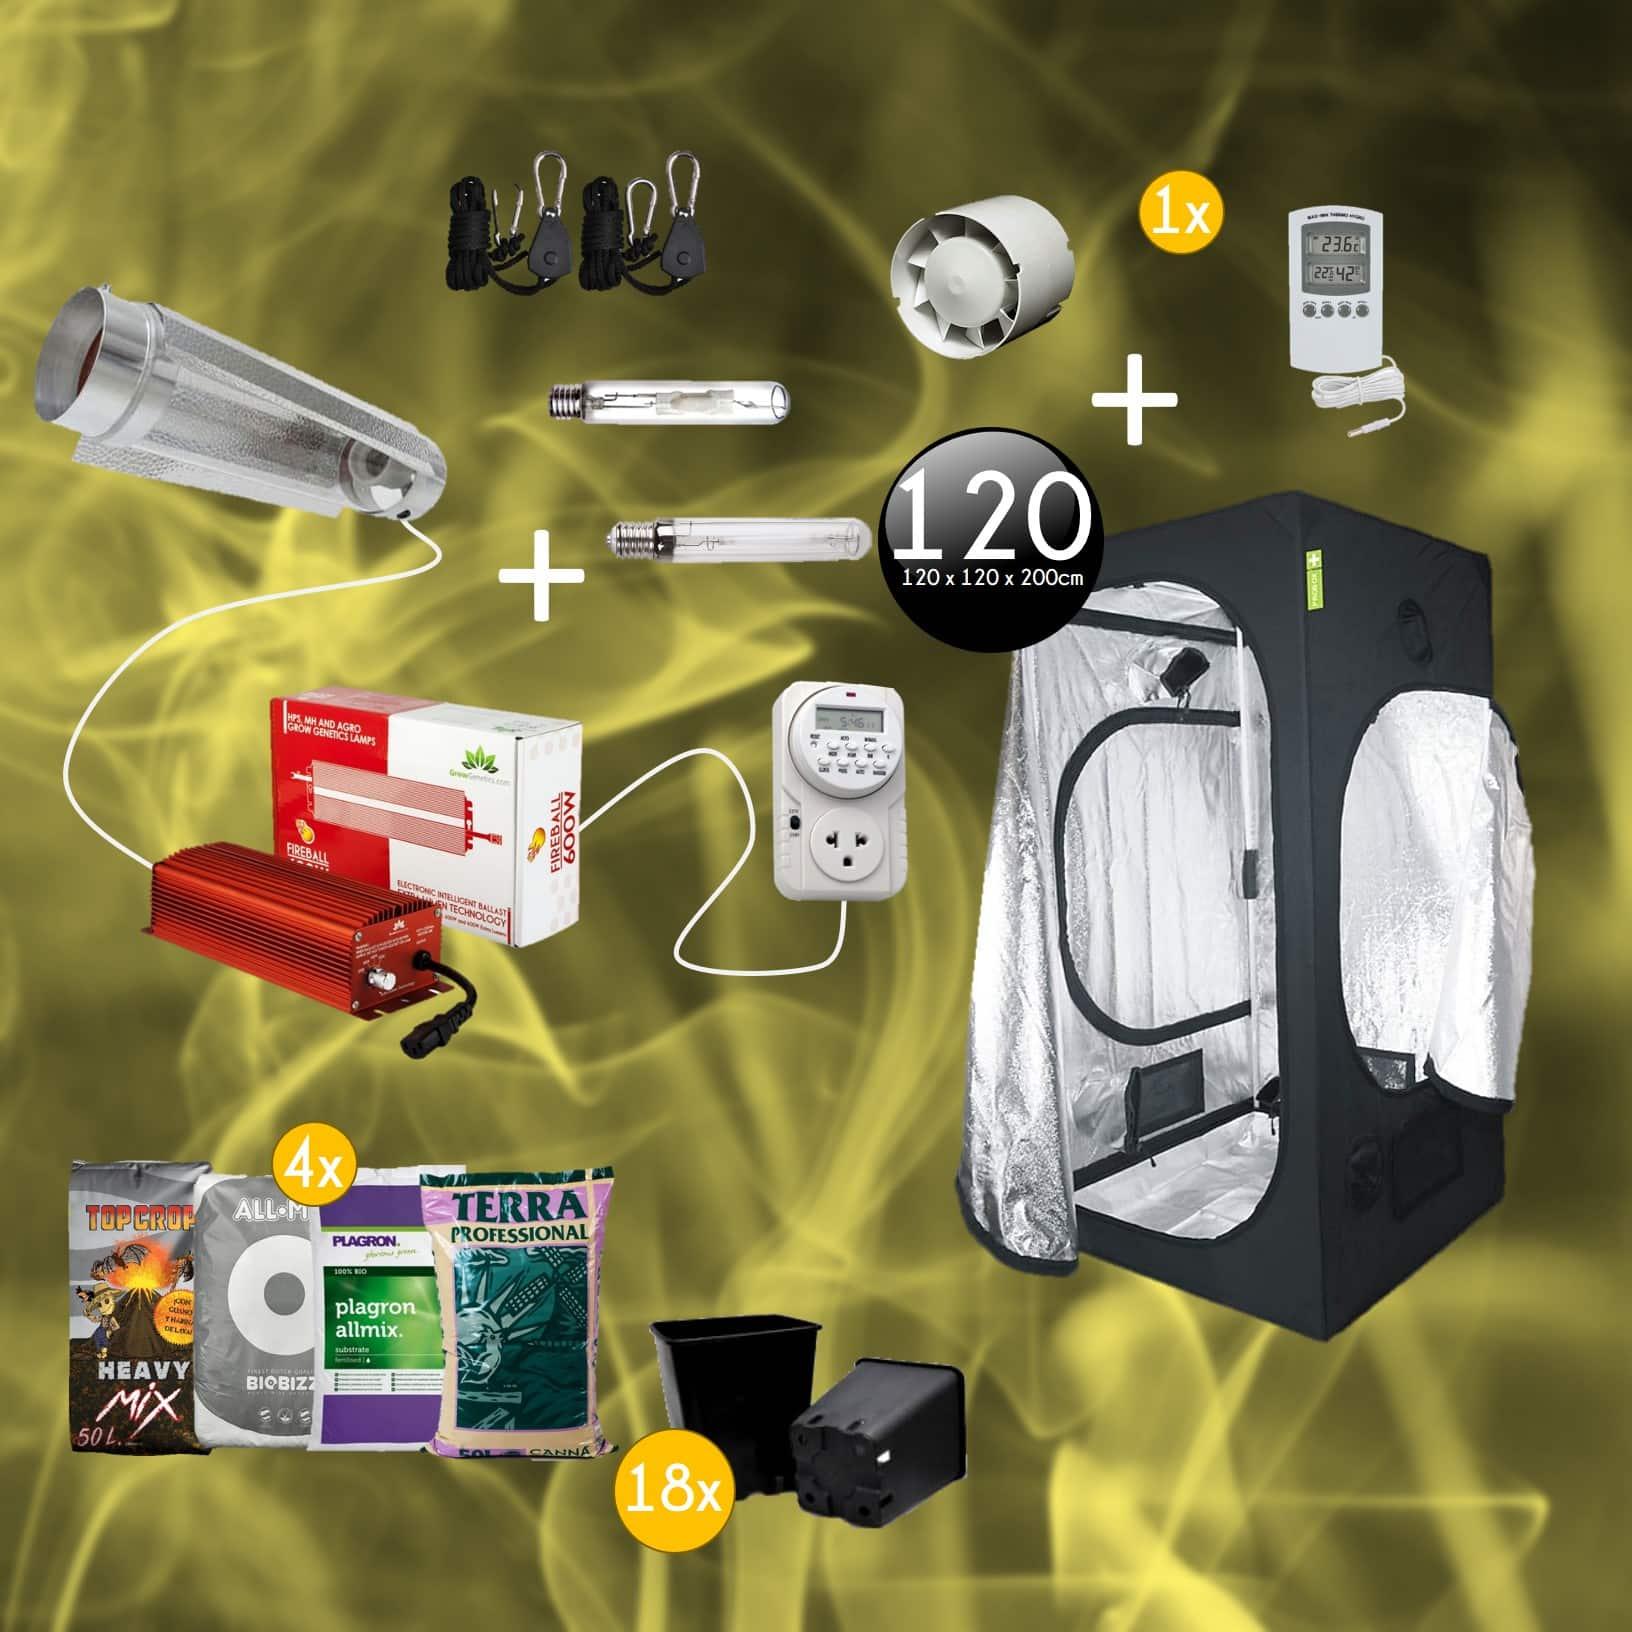 Kit Pro 120